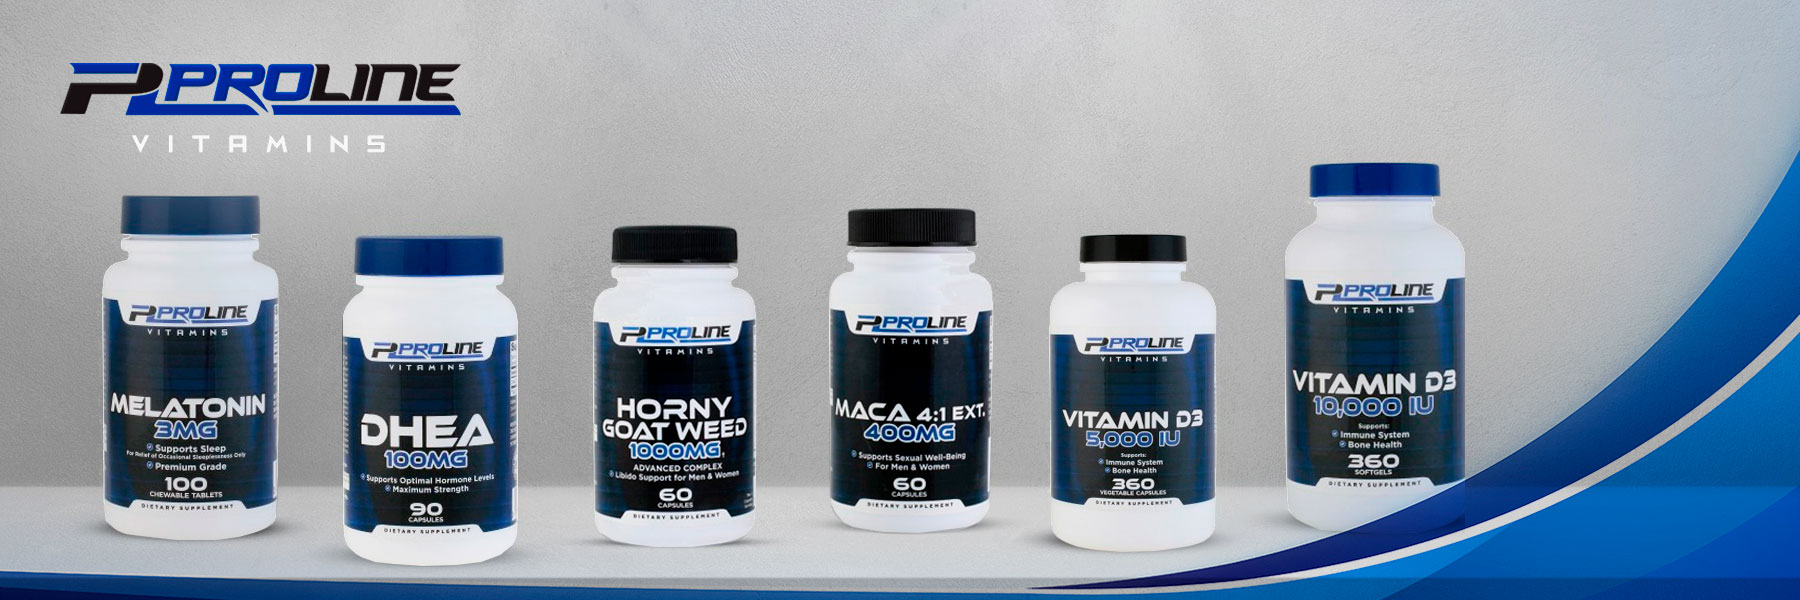 Proline Vitamins